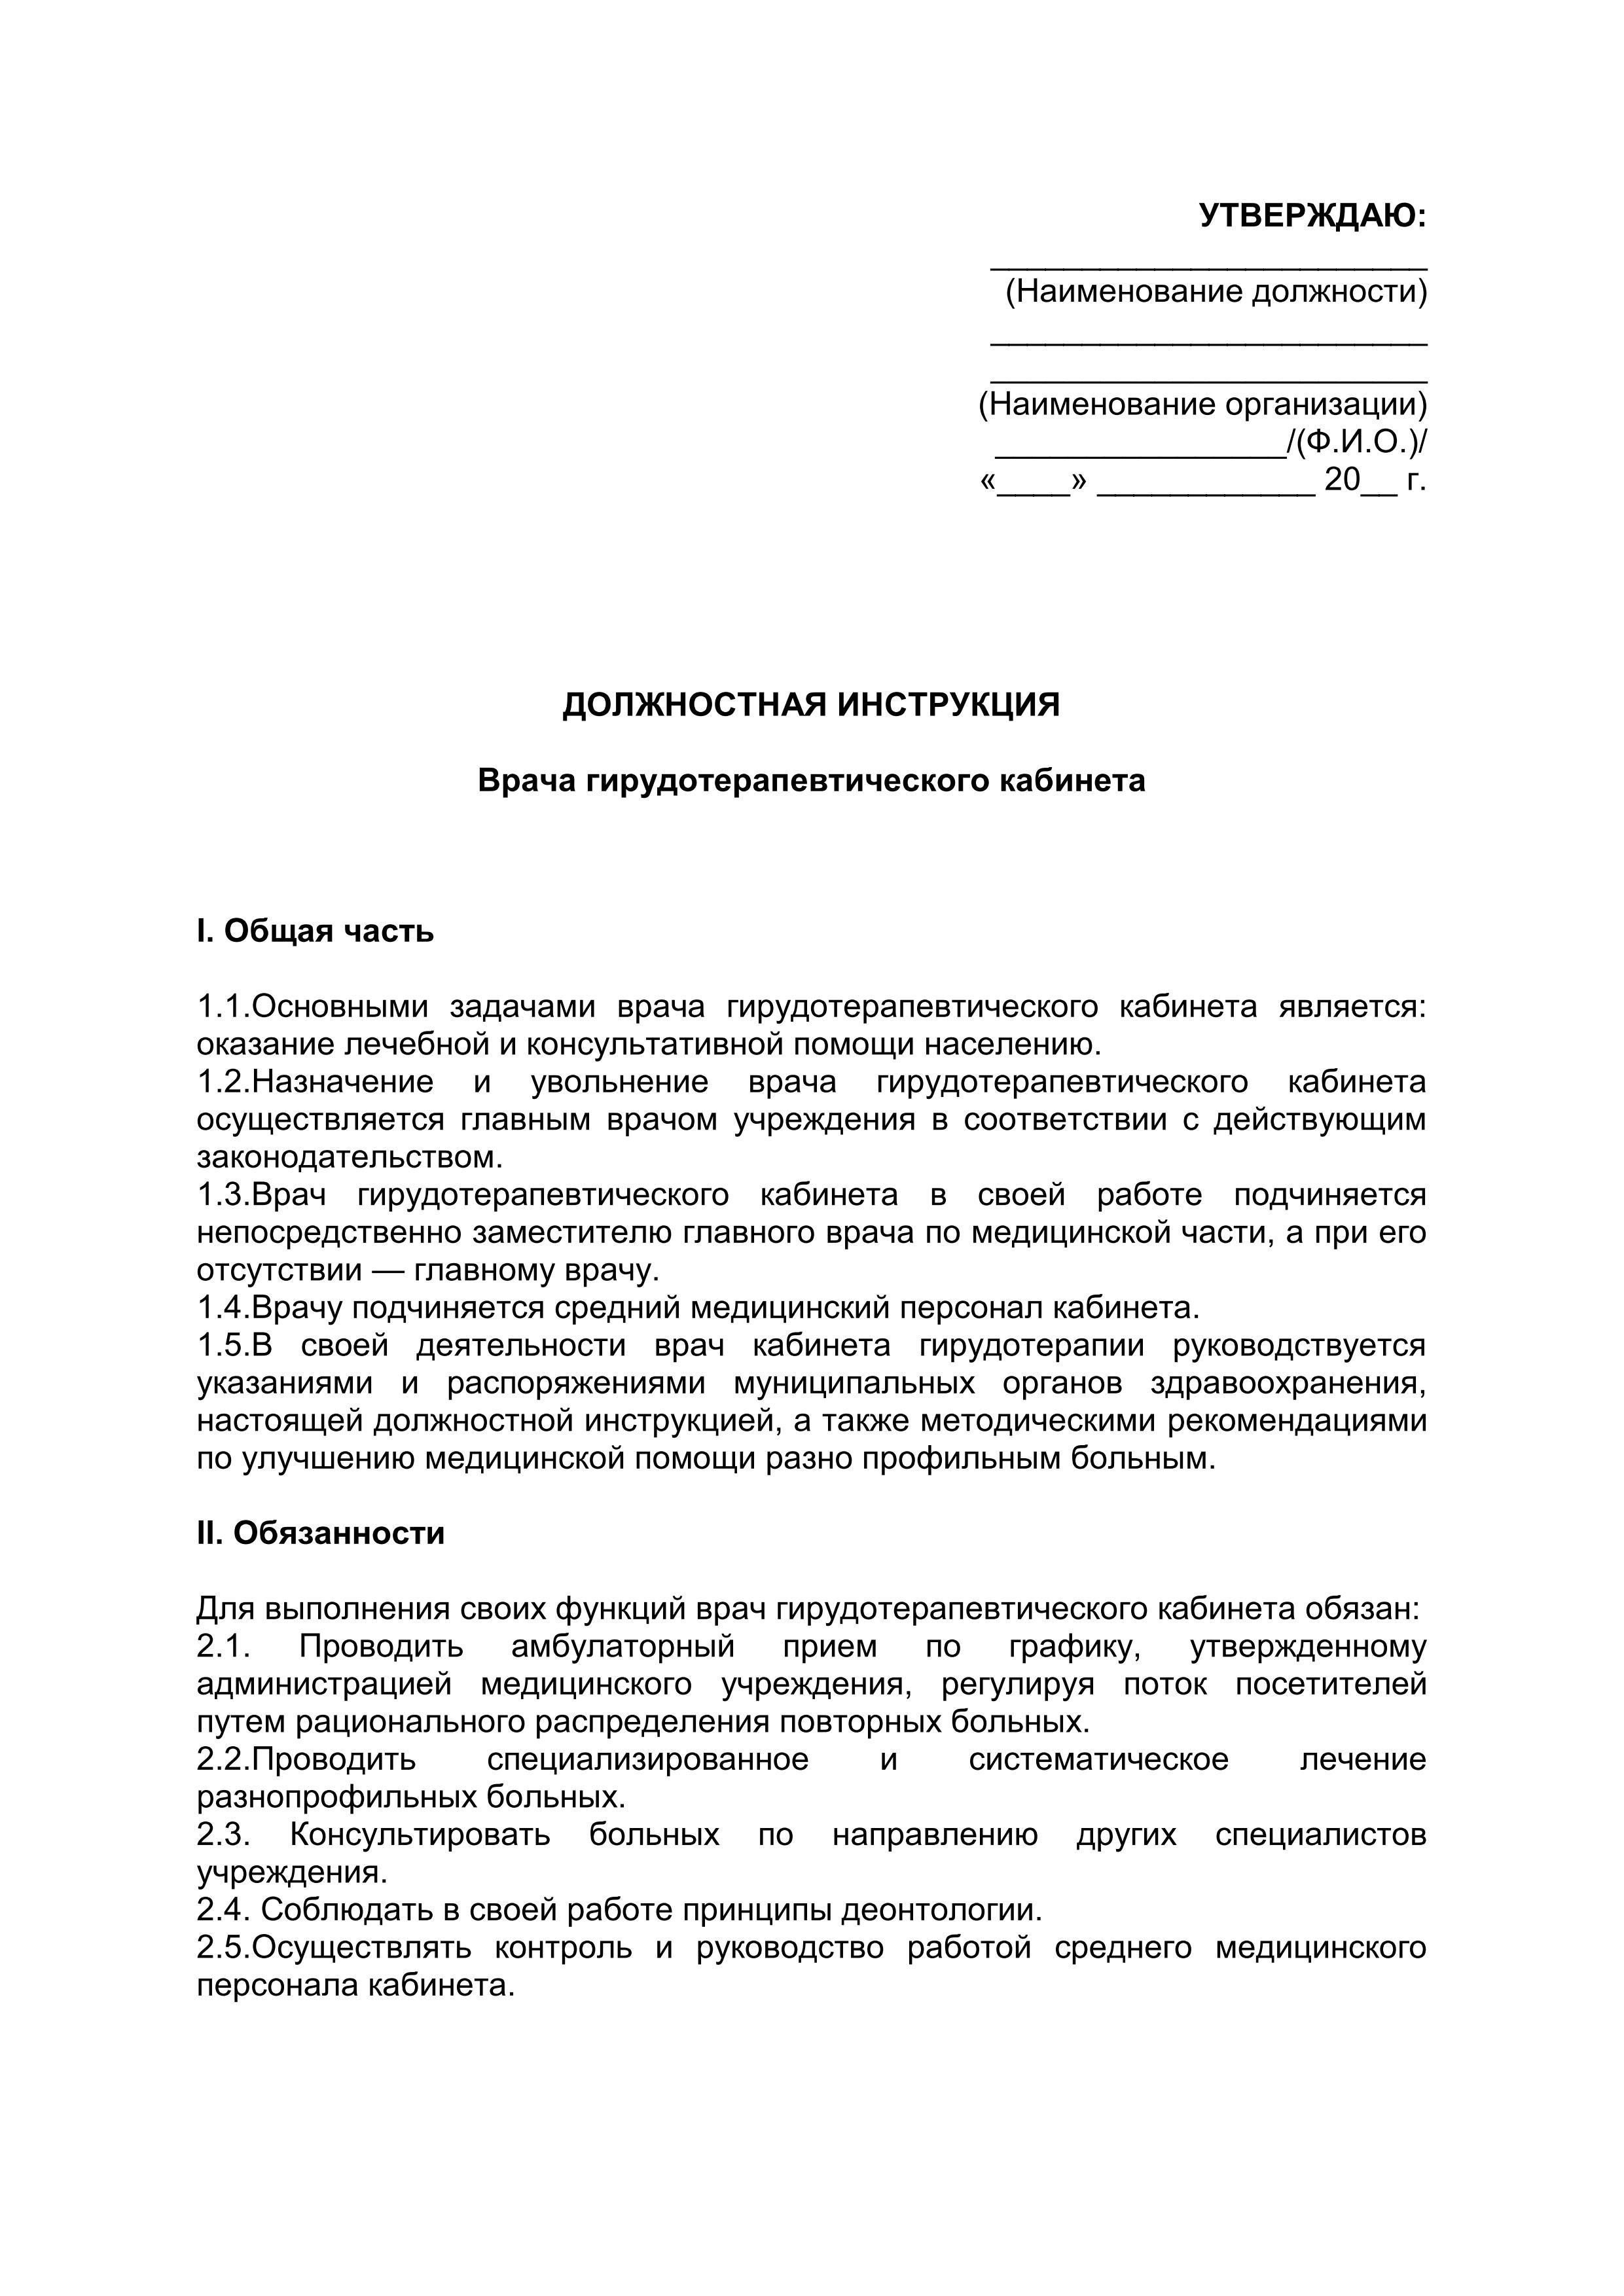 Должностная инструкция зам директора по корпоративному развитию